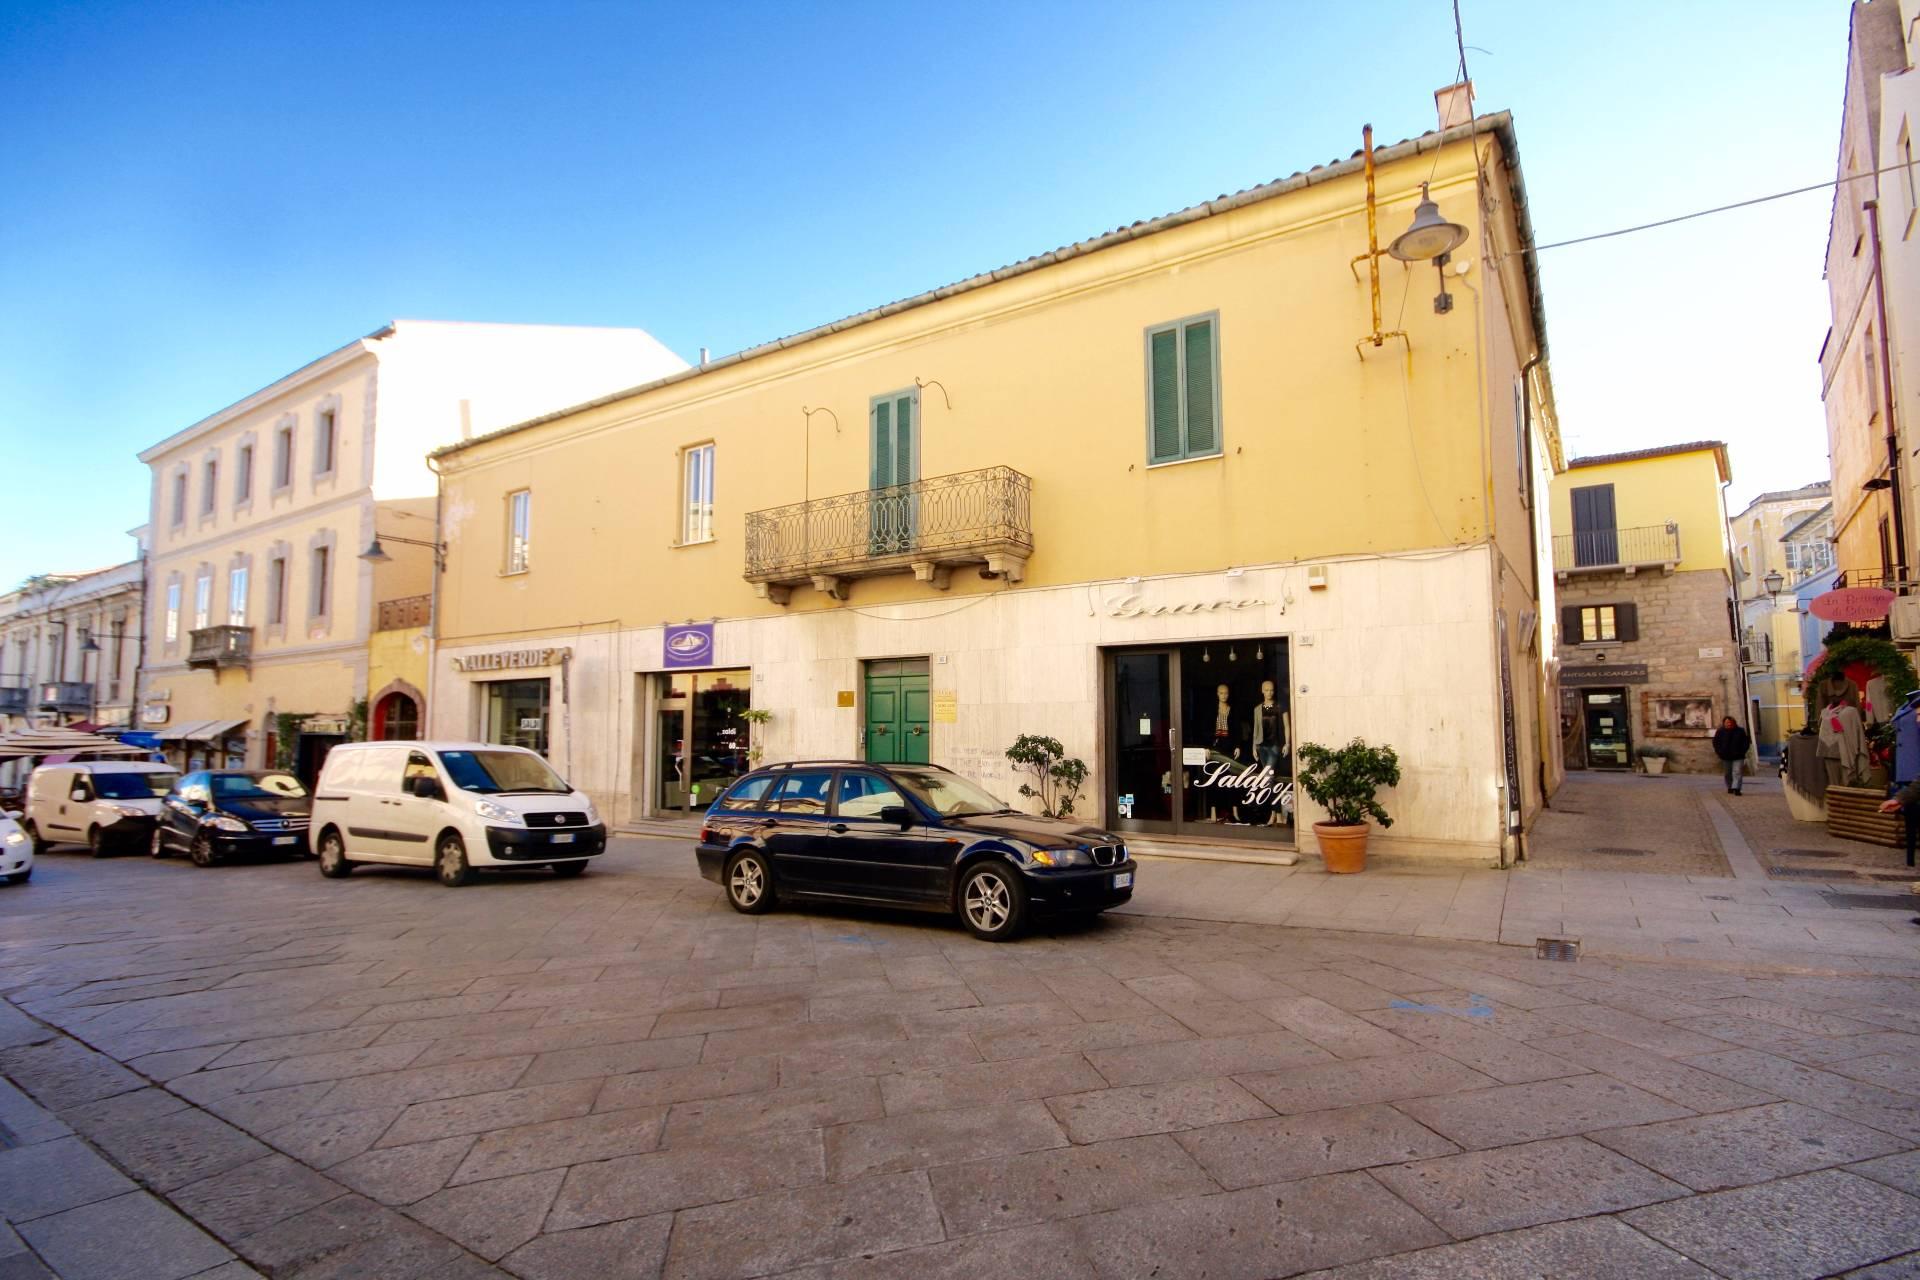 Negozio / Locale in affitto a Olbia - Porto Rotondo, 9999 locali, zona Località: Olbiacittà, prezzo € 2.400 | CambioCasa.it